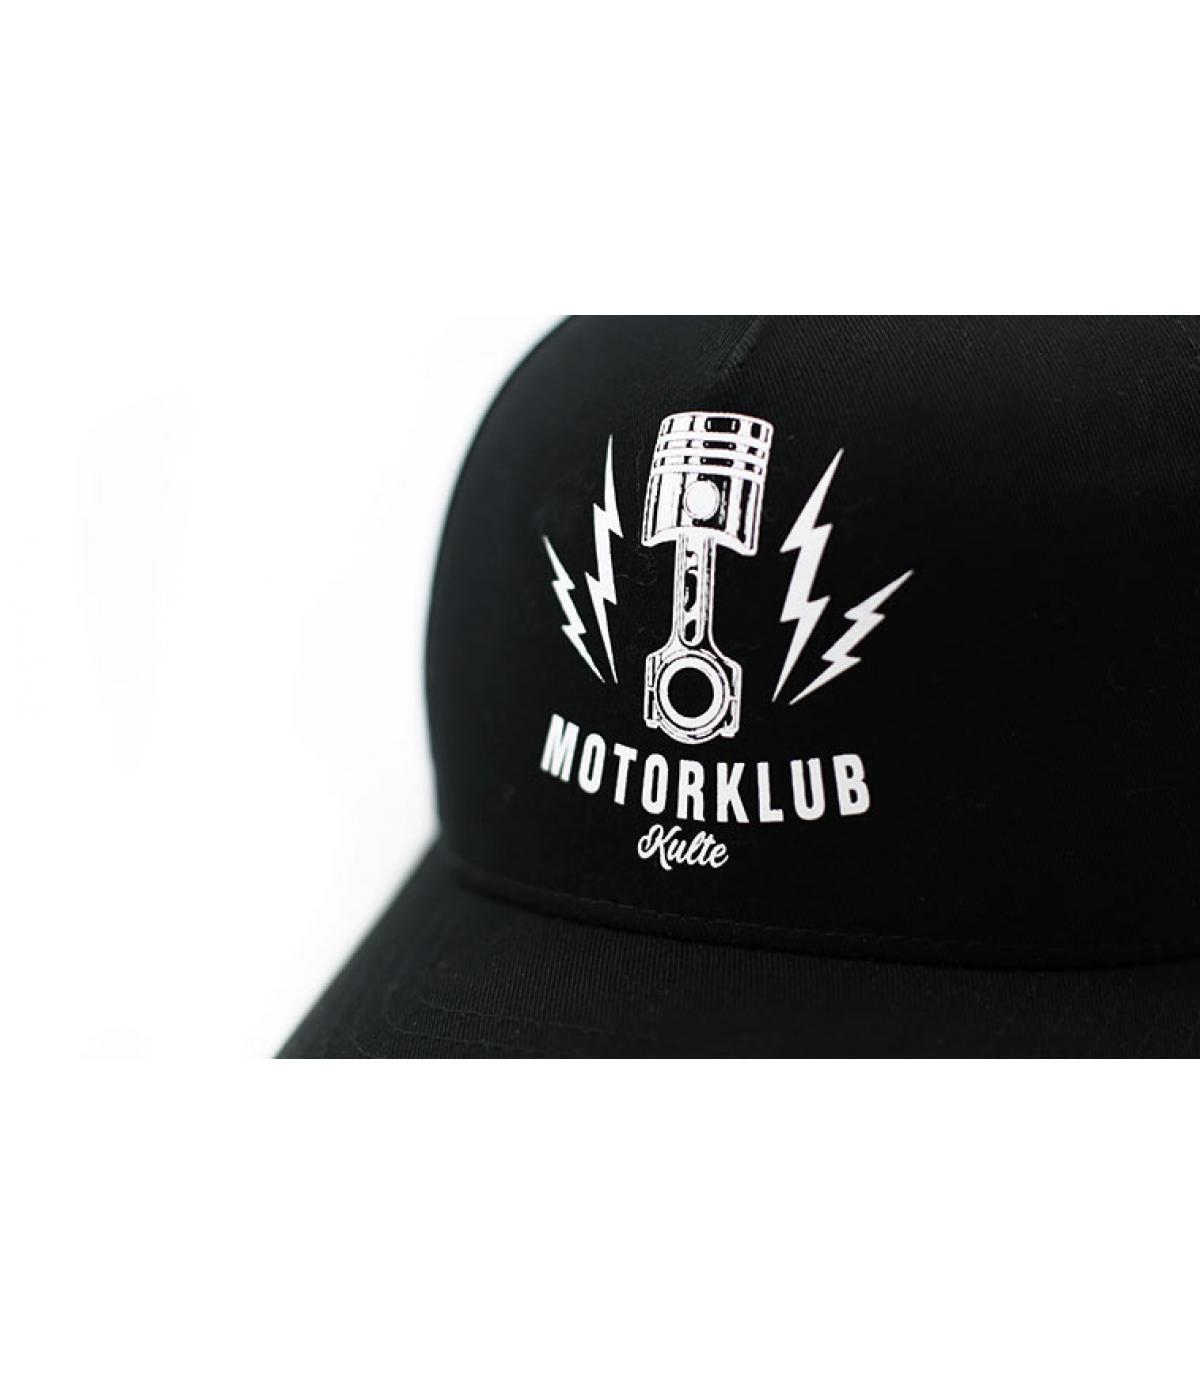 Détails Motorklub black - image 3